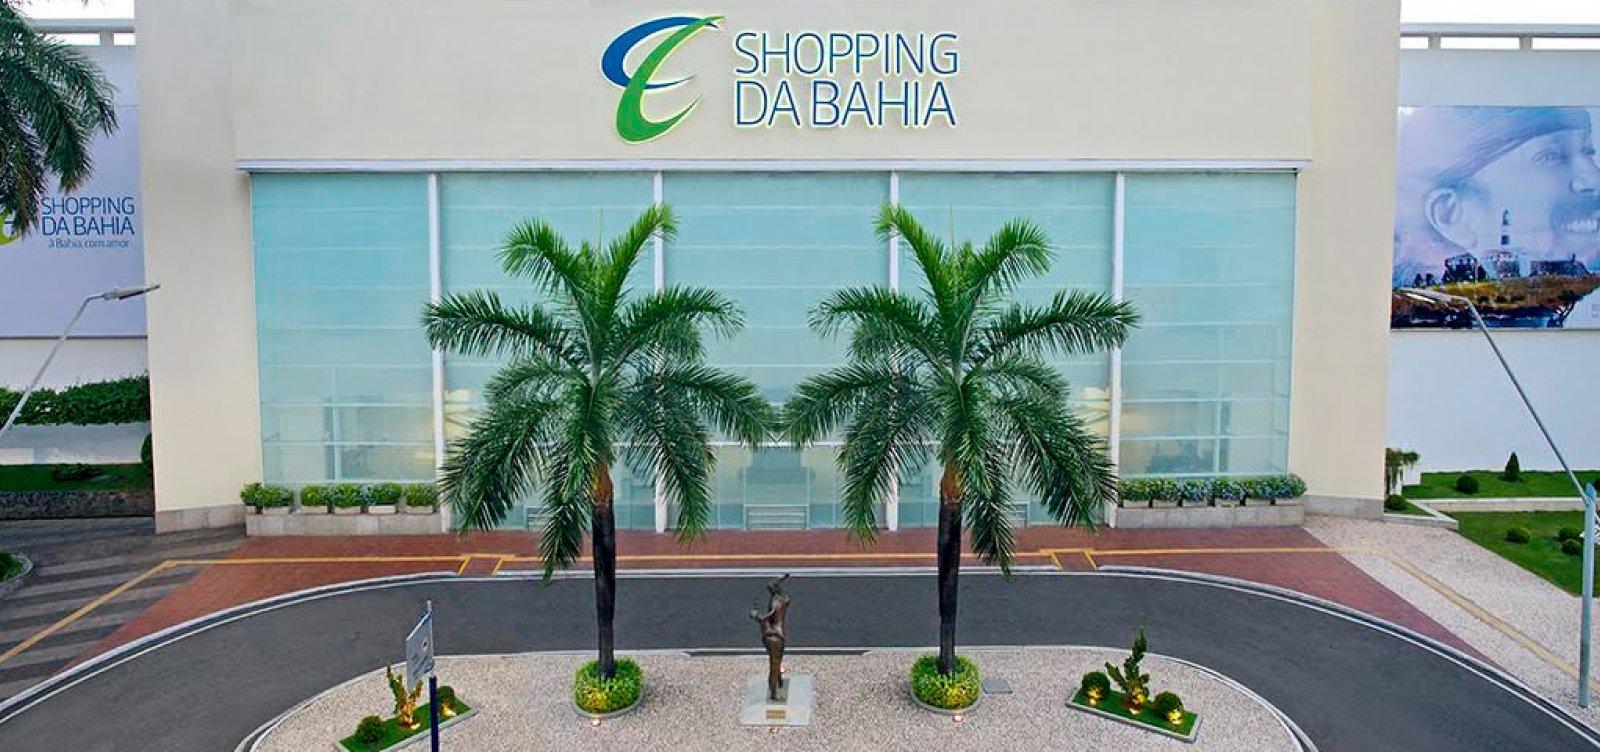 [Shopping da Bahia vai reciclar segurança envolvido em tentativa de expulsão de criança]